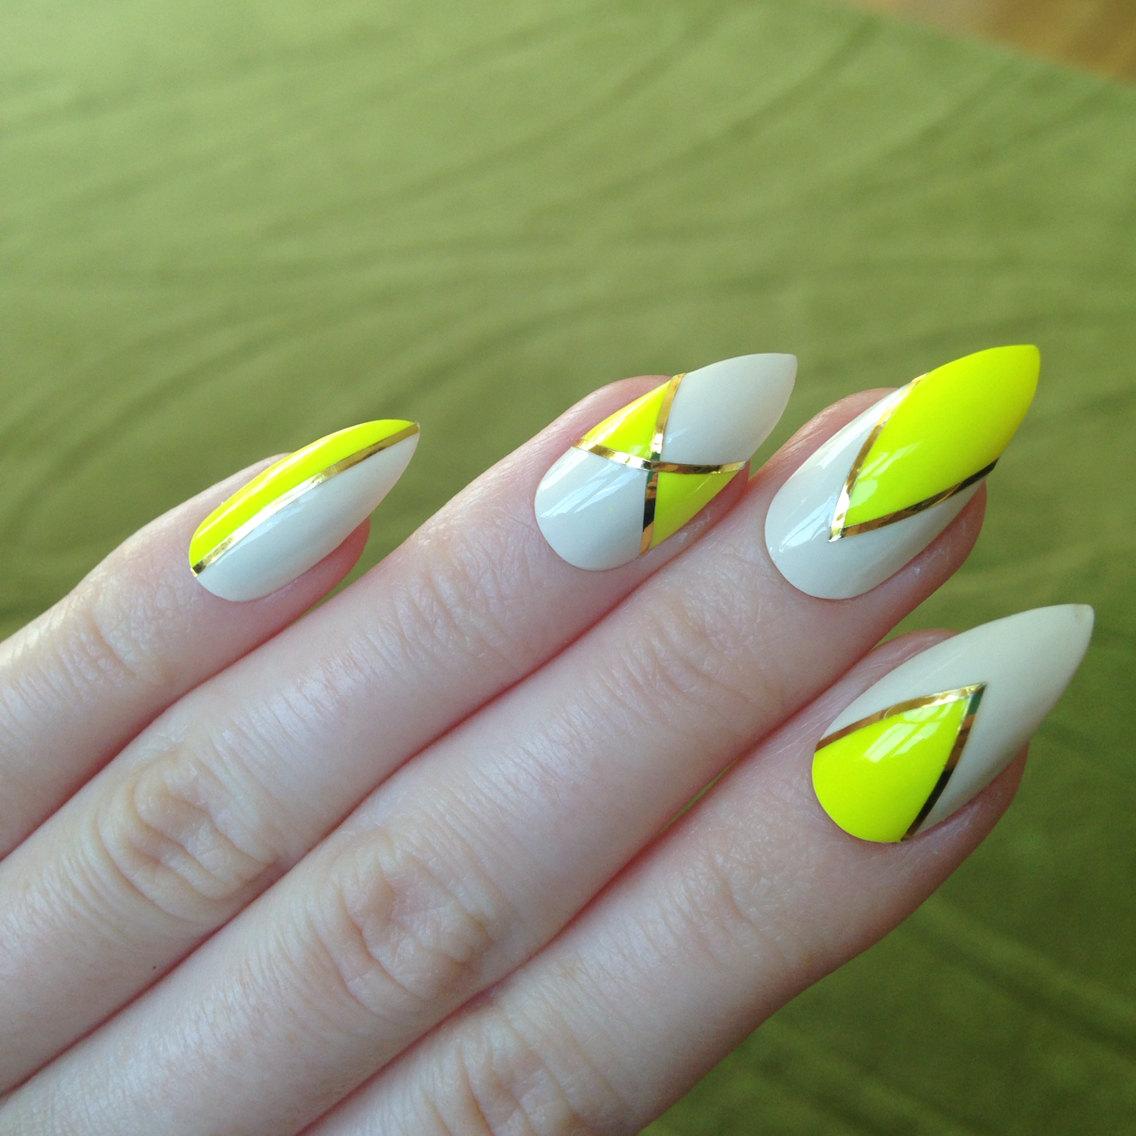 Magic Nails Specialista Na Nehty Gelove Akrylove I Prirodni Hit Letosniho Leta Neonove Barvy